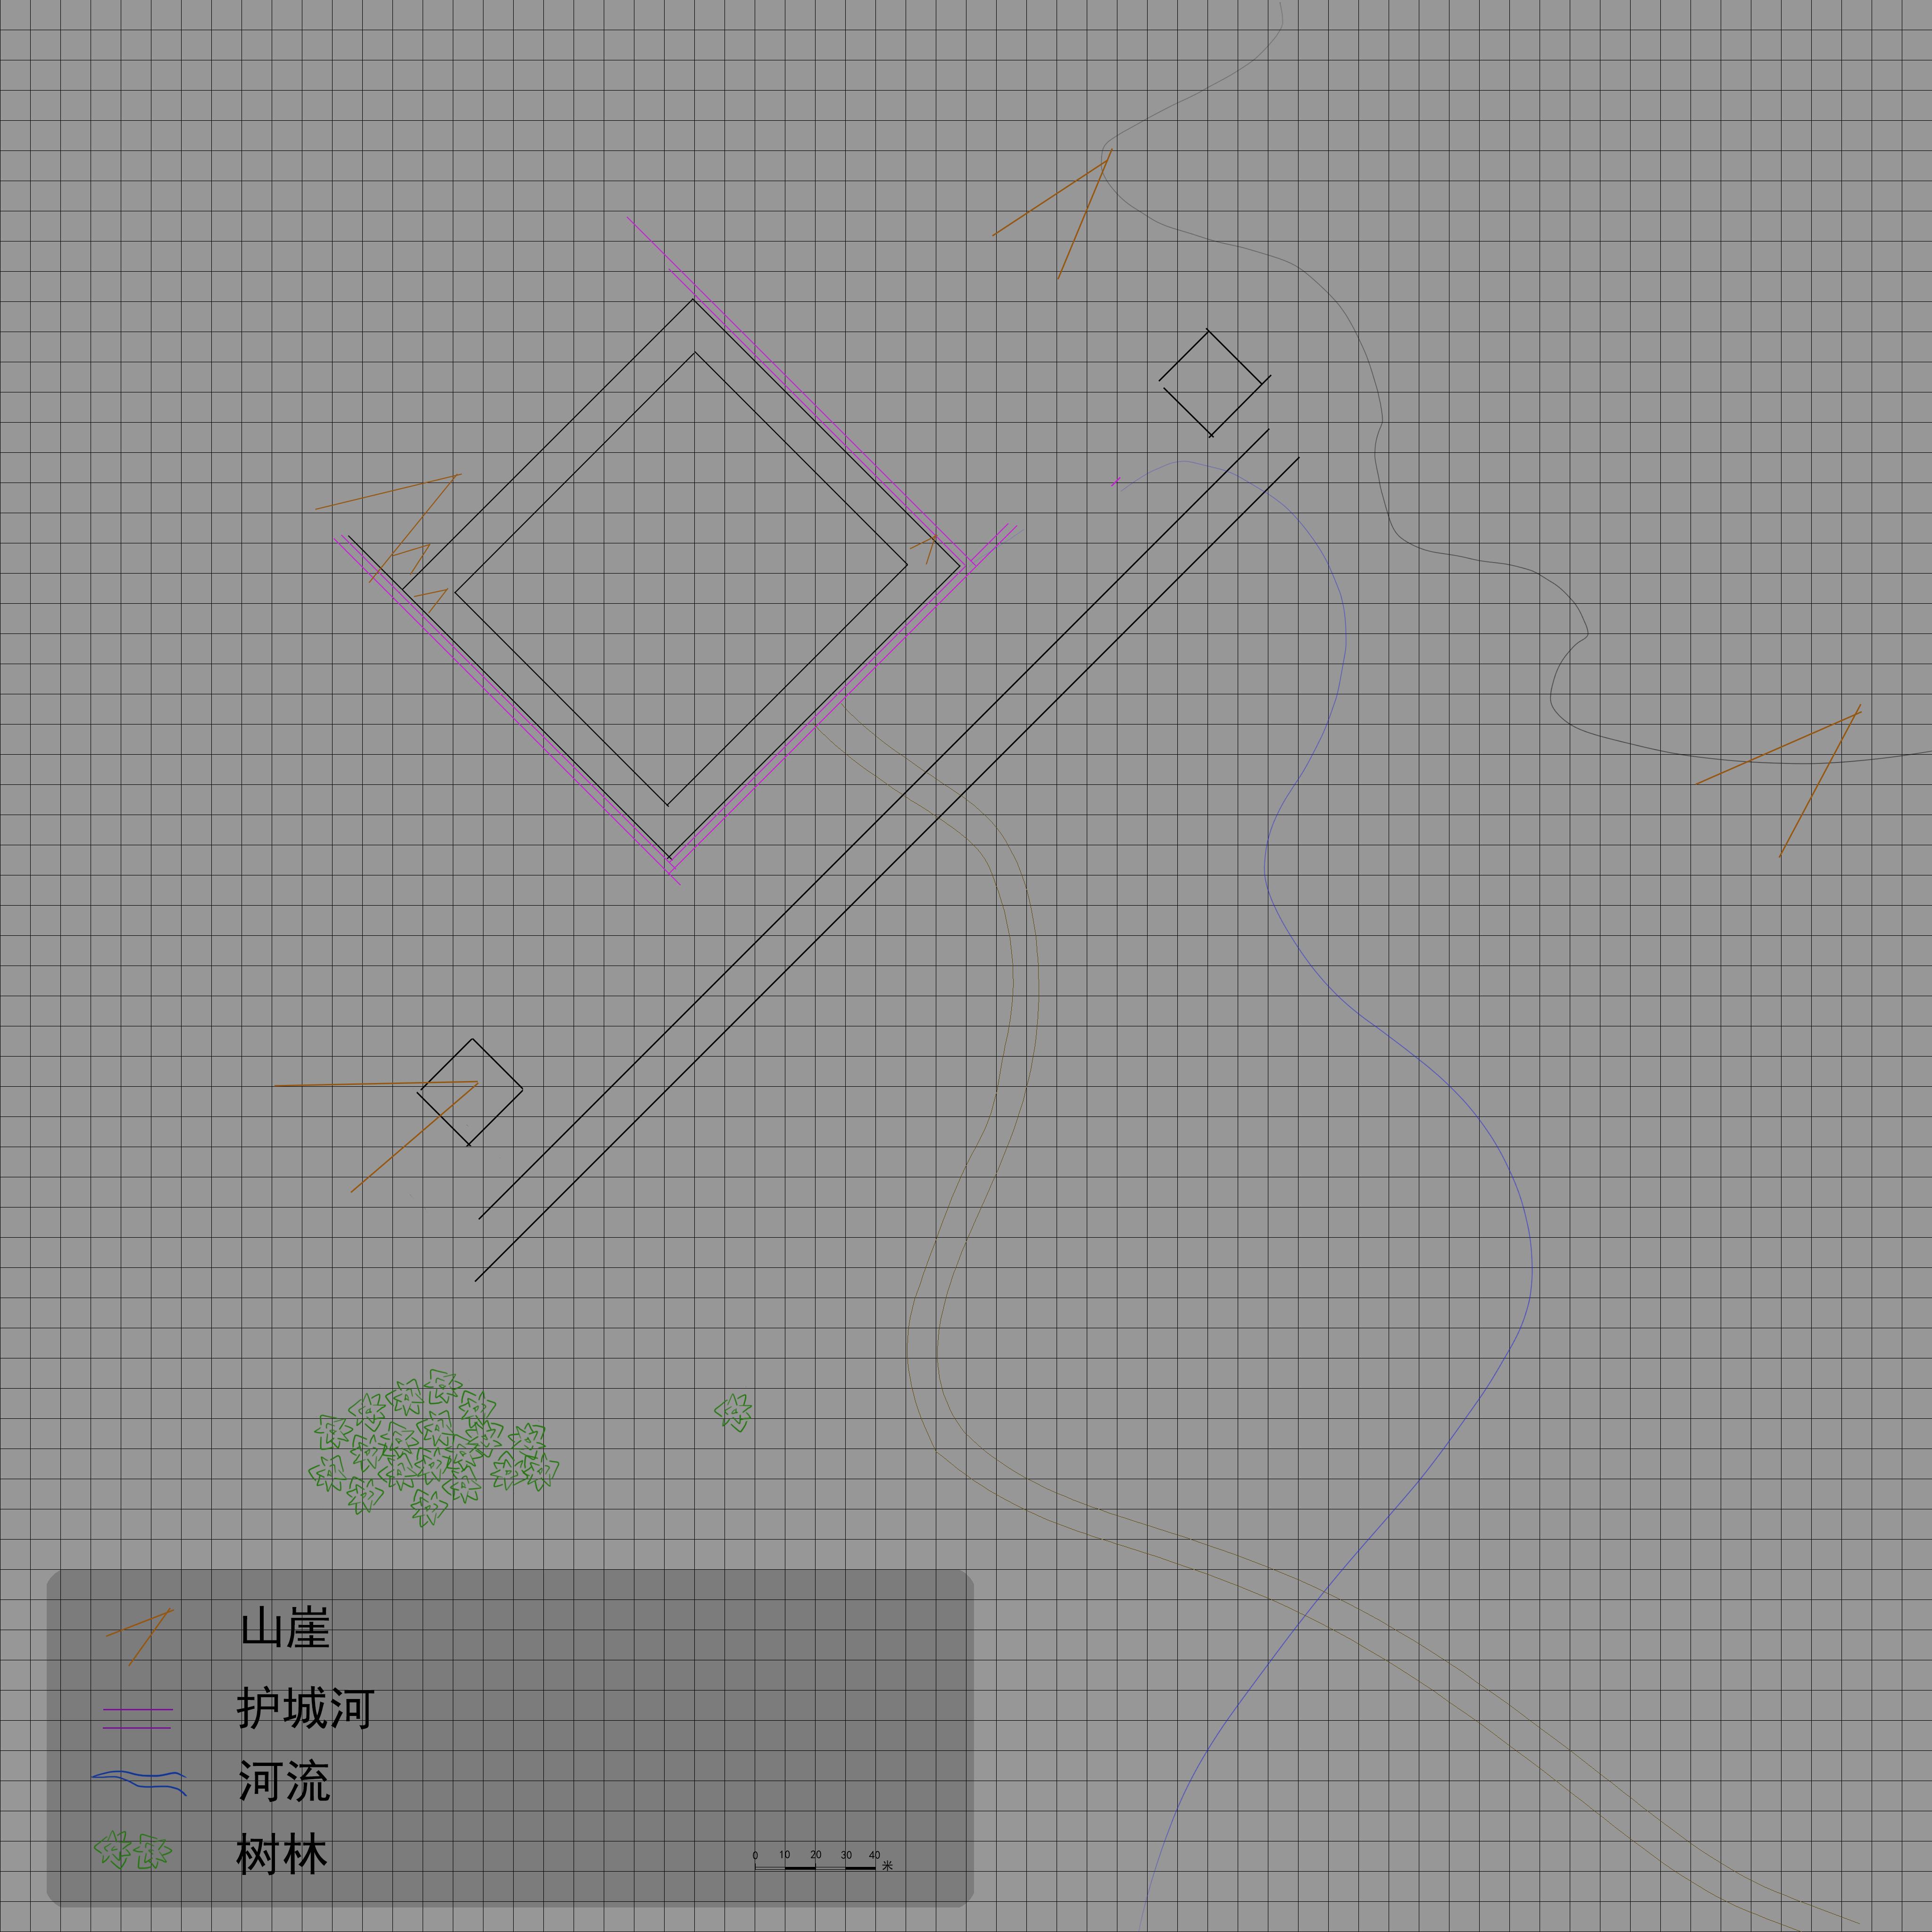 地图 第一关 序幕